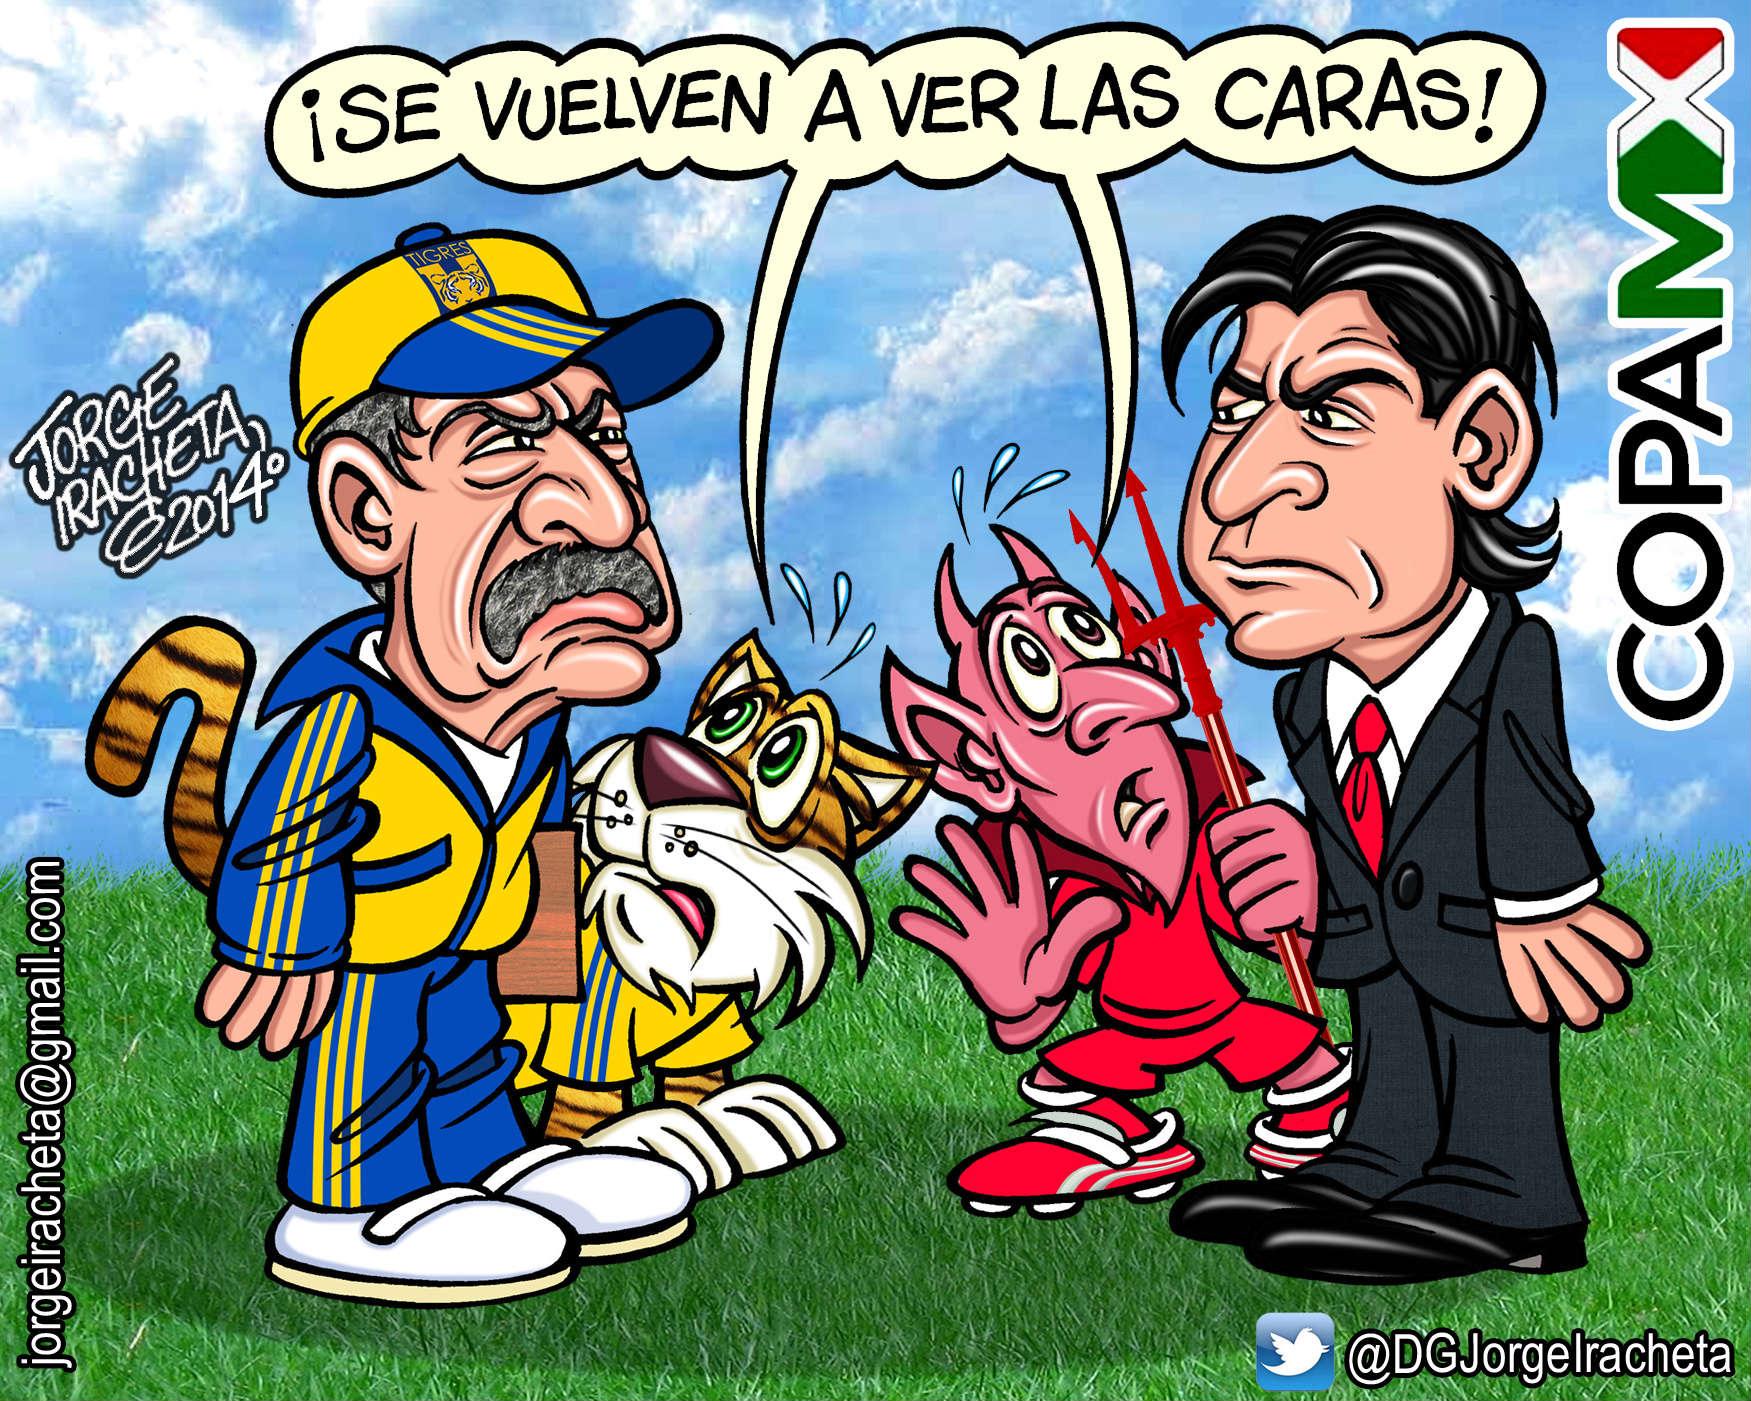 Image Result For Leon Vs Tijuana